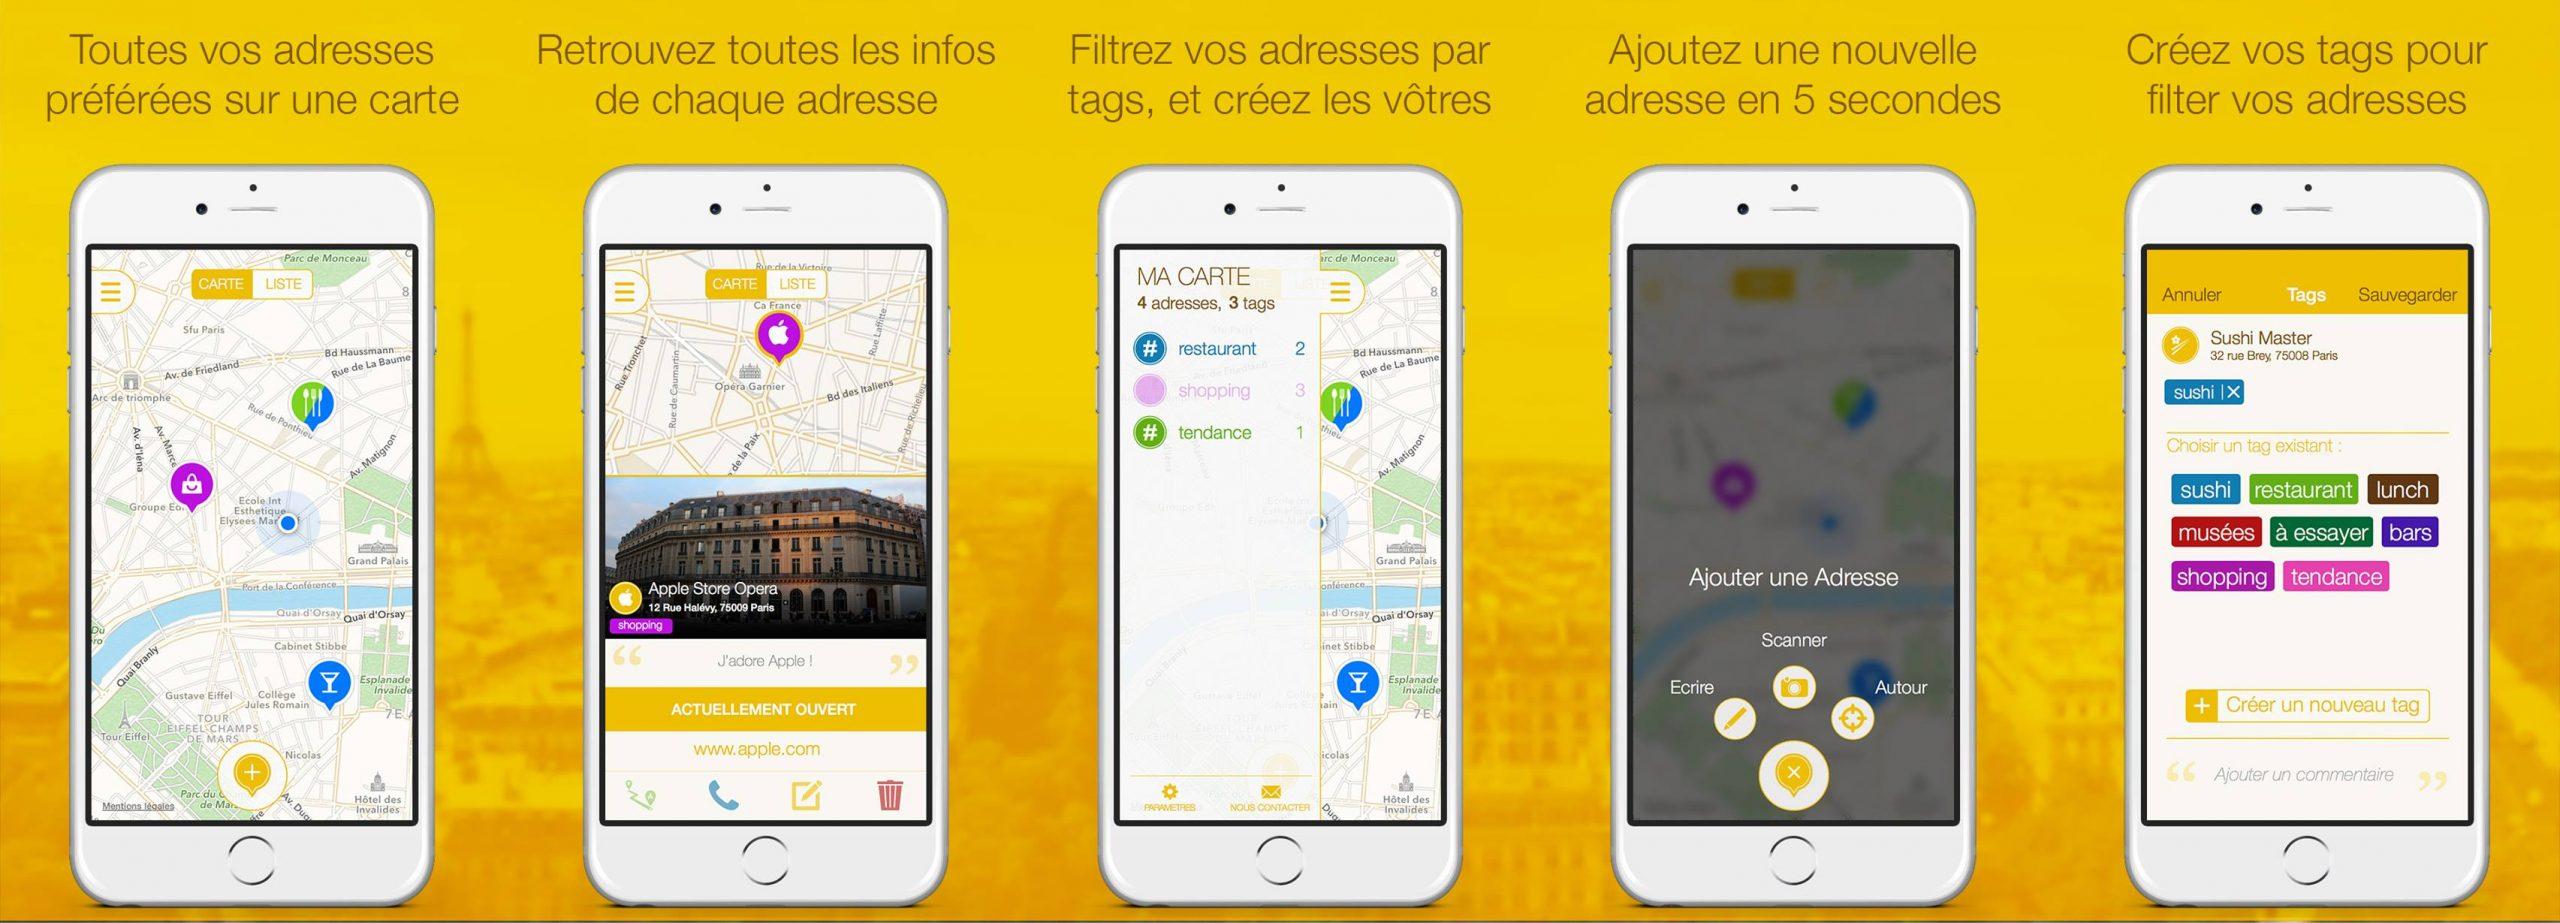 captures d'écran de l'application Mapstr